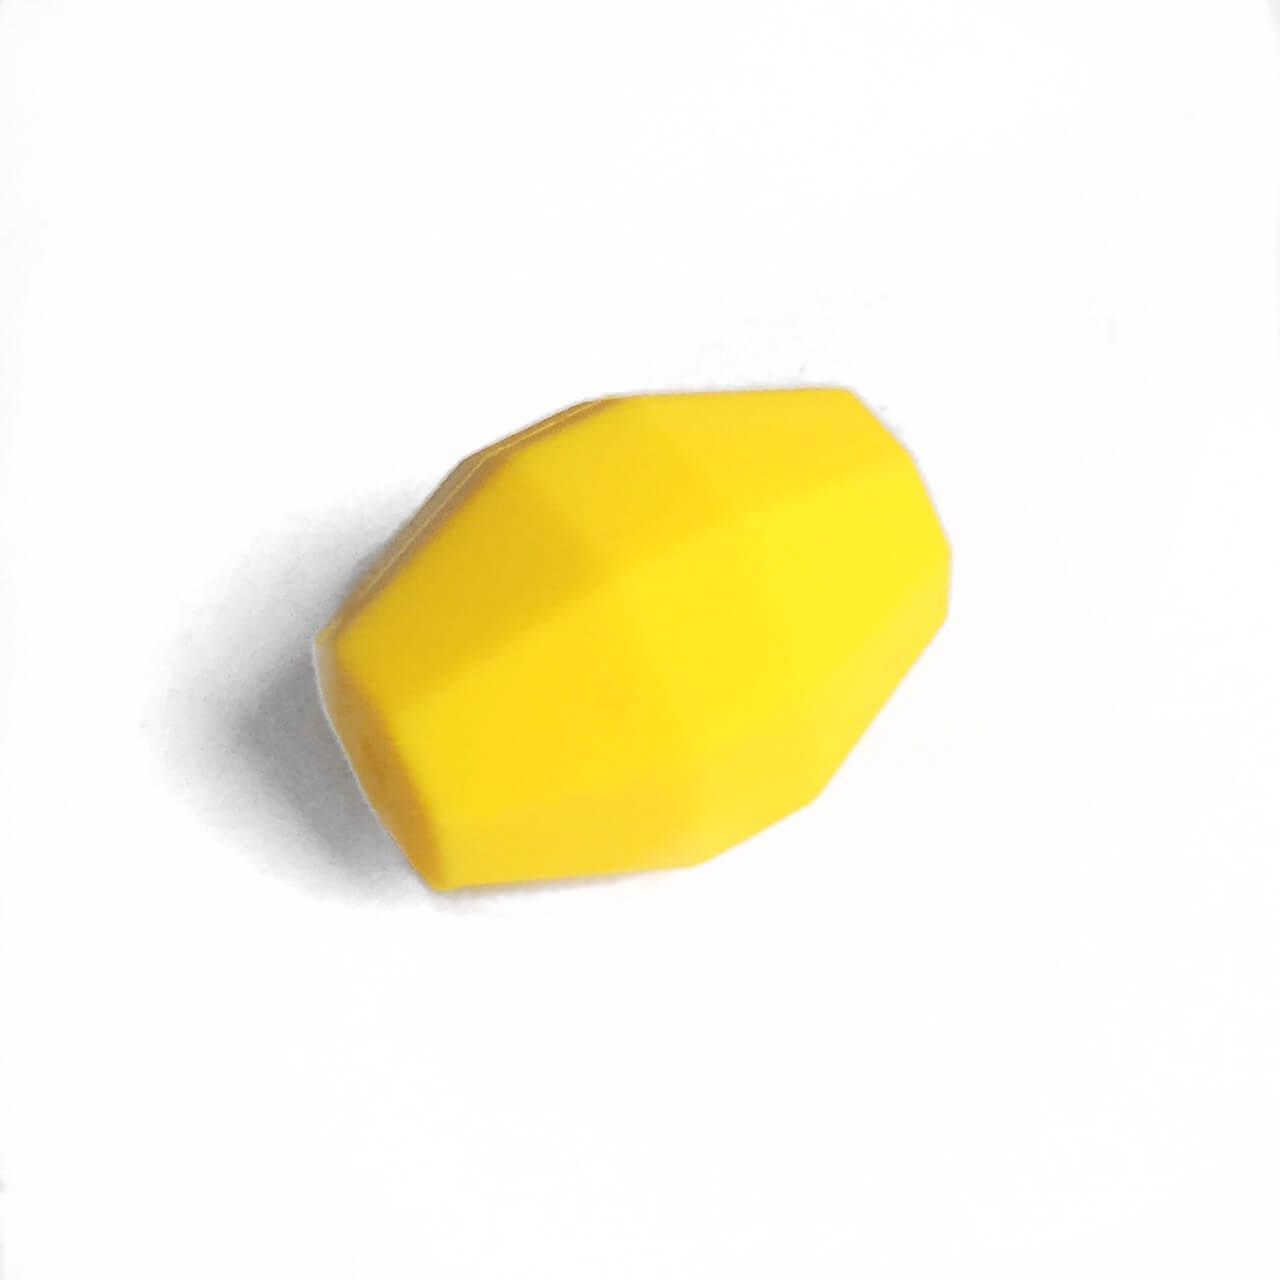 Бочка (желтый)  бусина из силикона